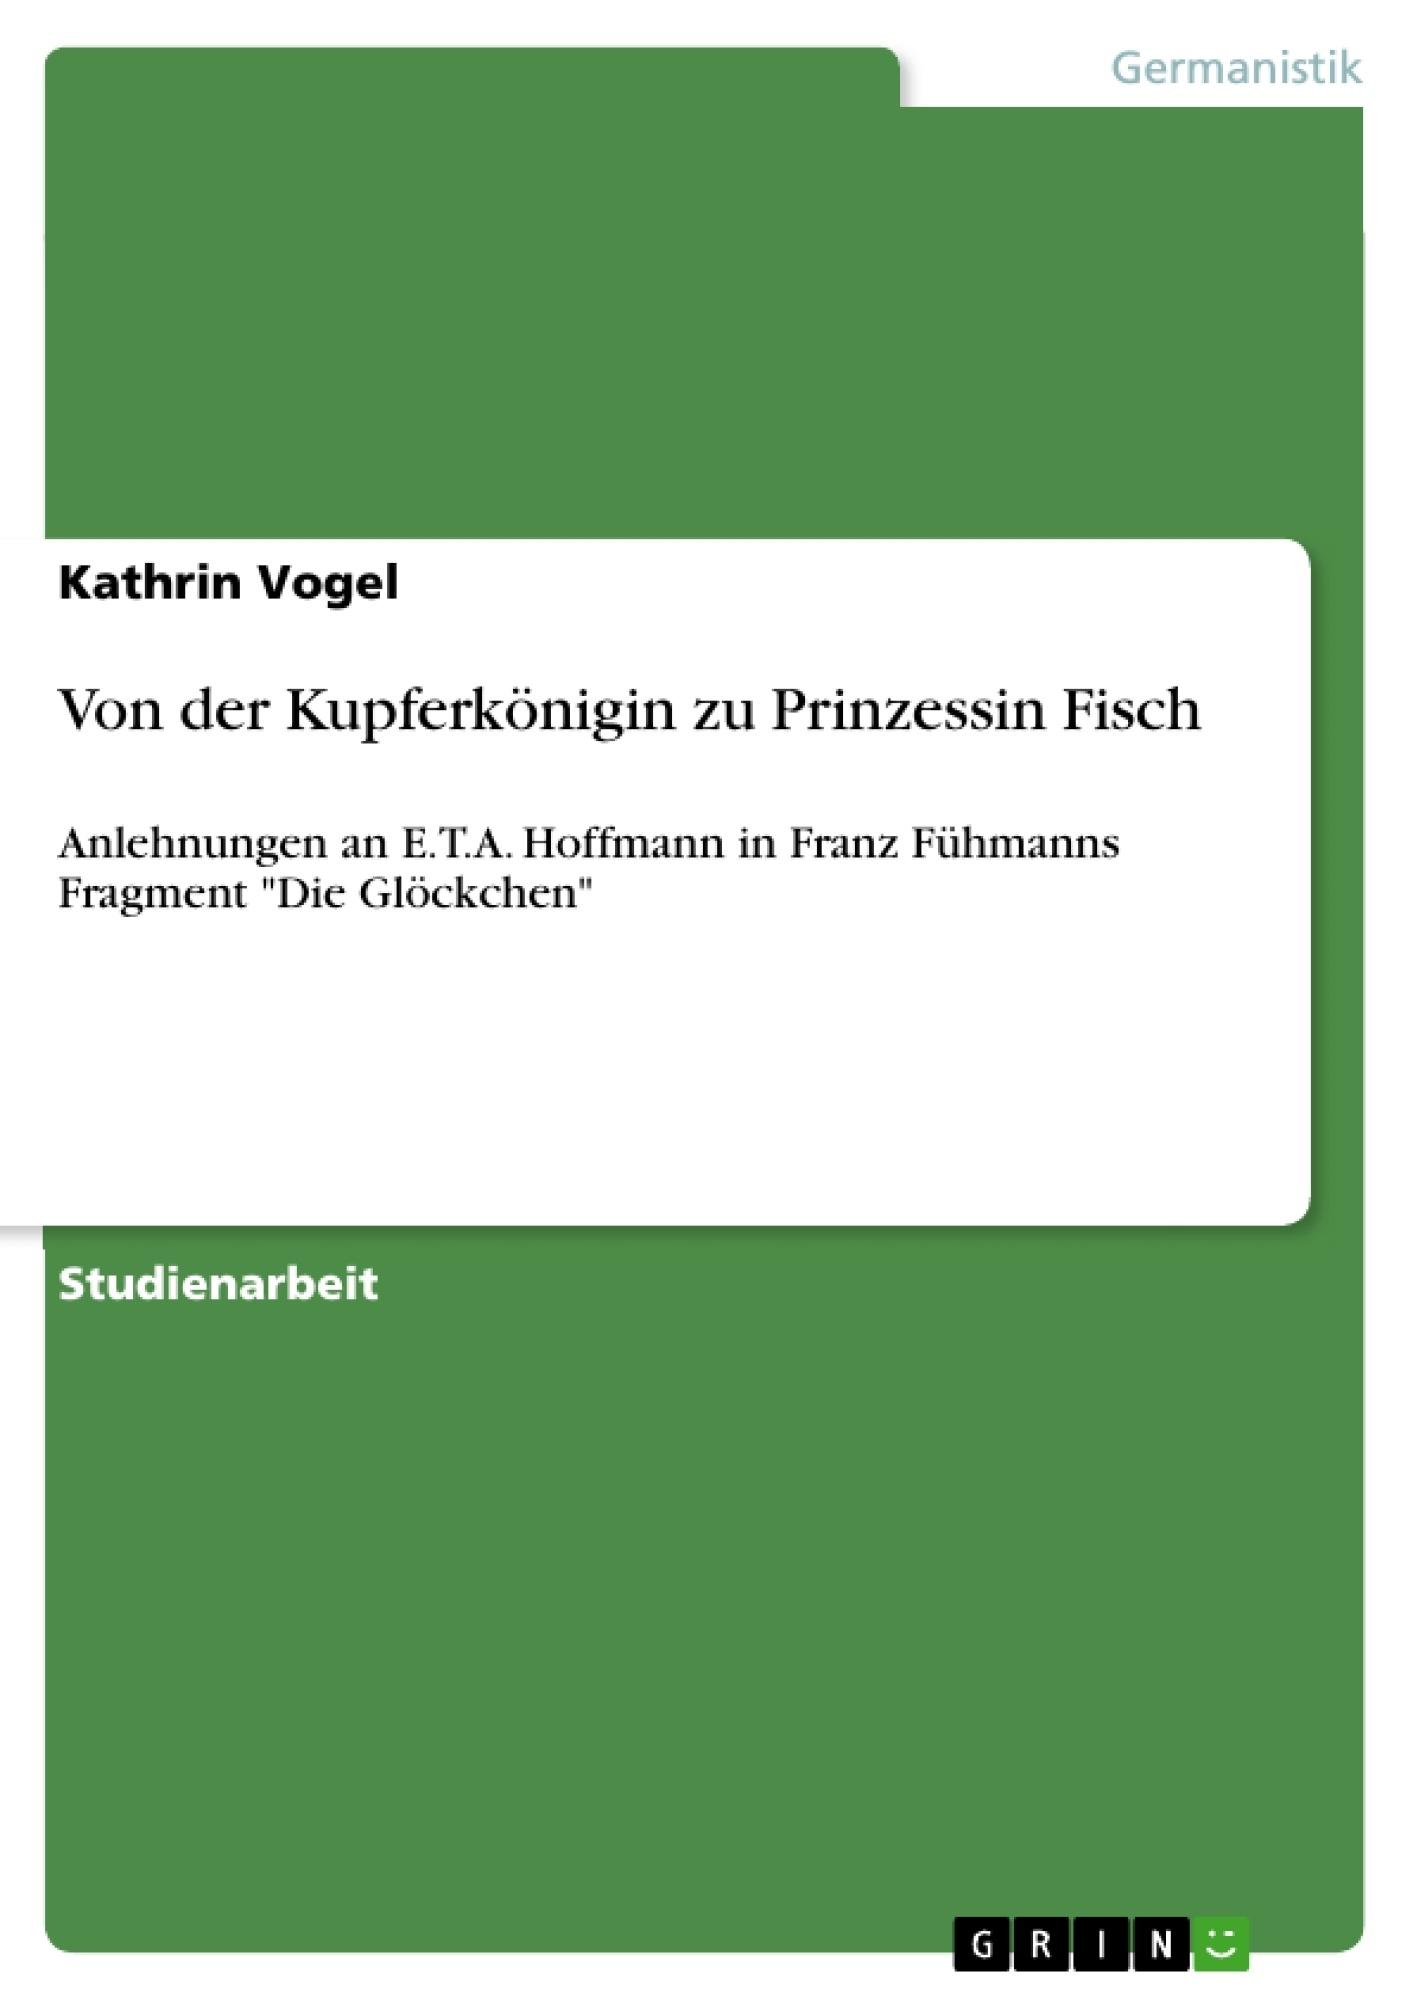 Titel: Von der Kupferkönigin zu Prinzessin Fisch